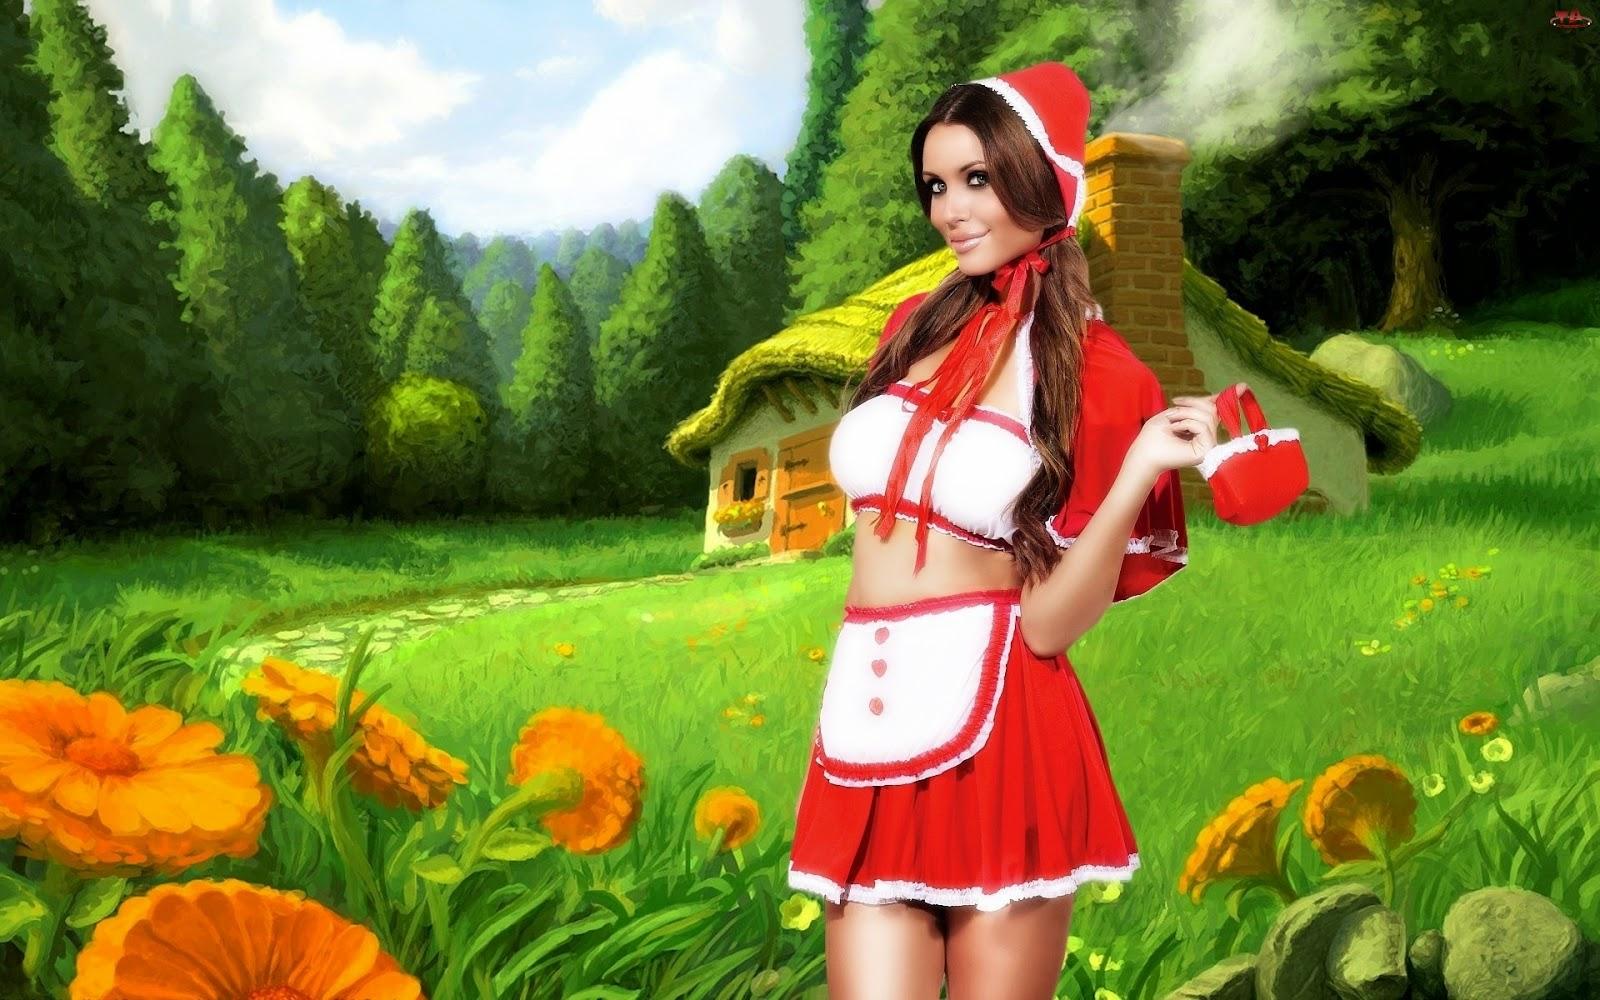 http://misiowyzakatek.blogspot.com/2014/12/wesoe-poniedziaki-czerwony-kapturek.html